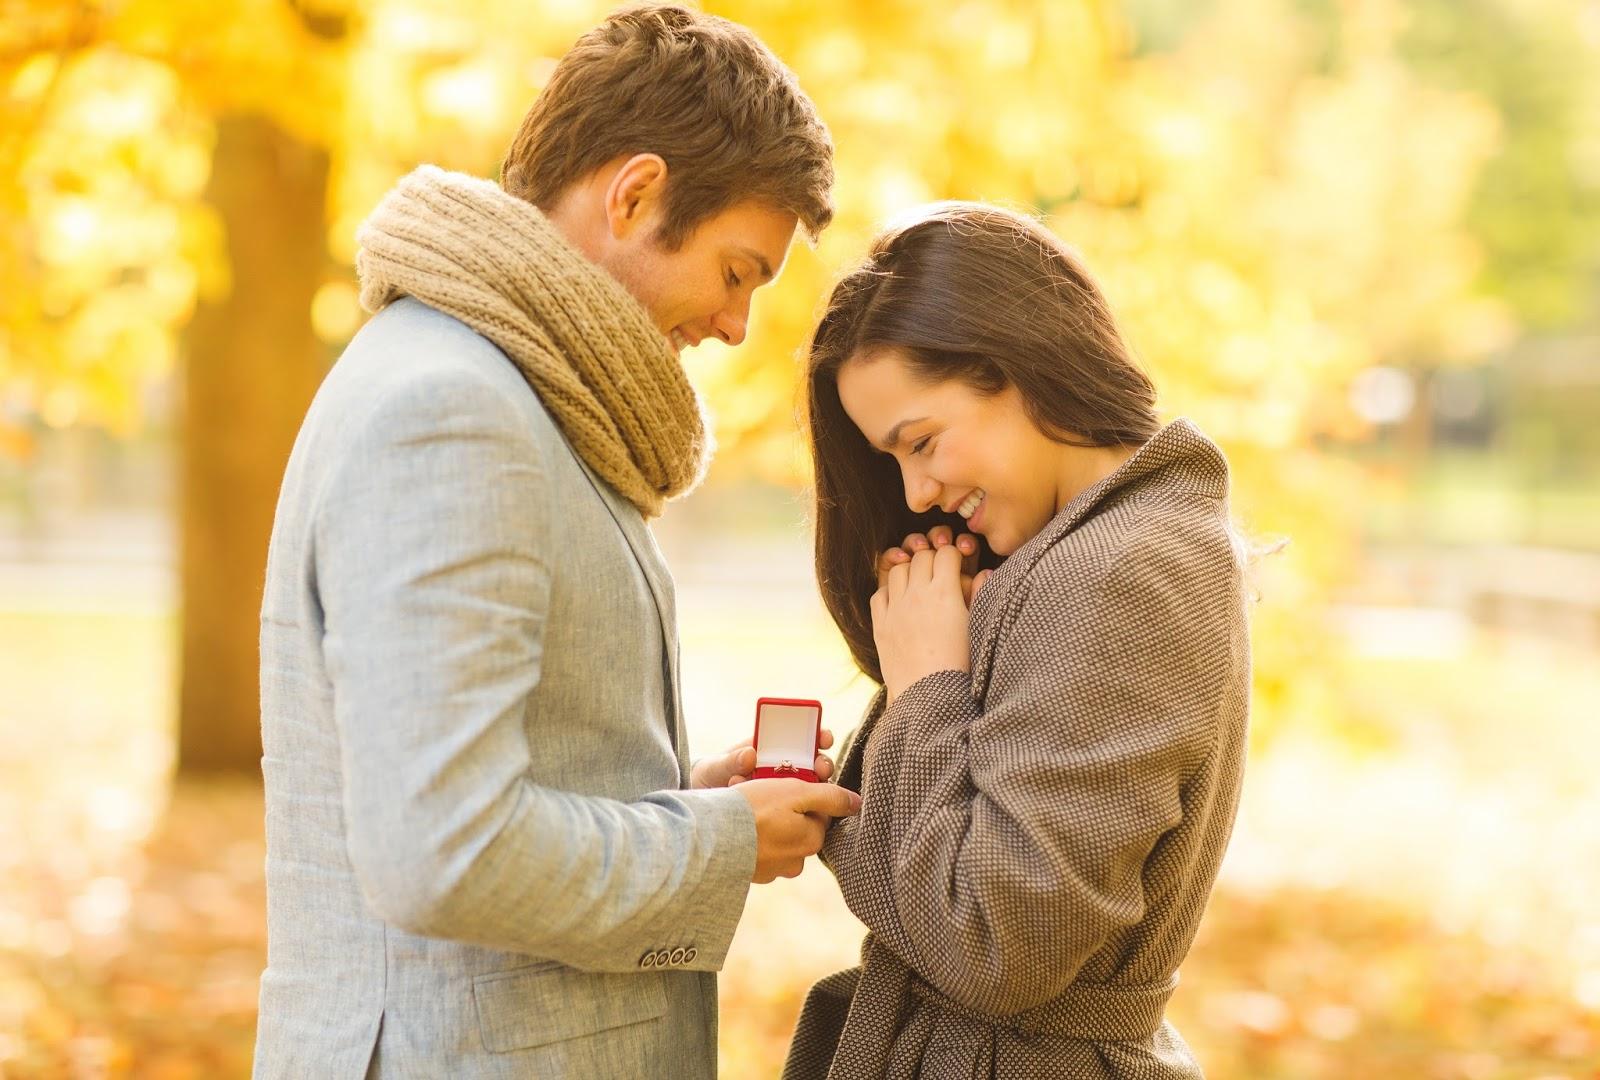 بالصور احدث الصور الرومانسية , بيسيات رومانسية جميلة 4823 5